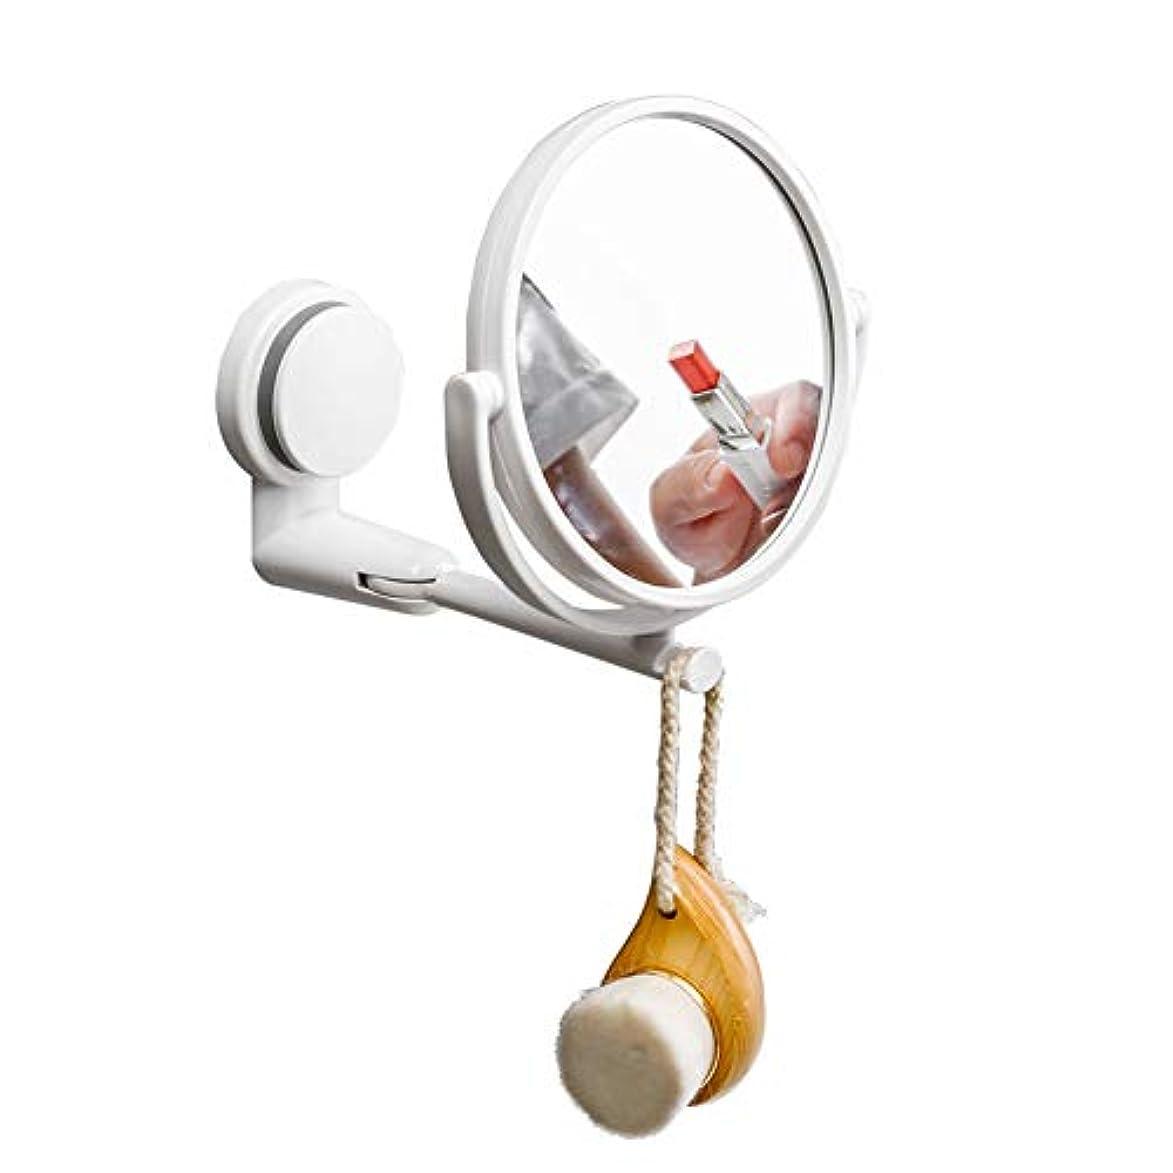 嫌な低い前文CatChi 壁付けミラー 両面化粧鏡 3倍拡大鏡 折りたたみ 360度回転 女優ミラー 吸盤式 お風呂 洗面所 アームミラー 取り付け簡単